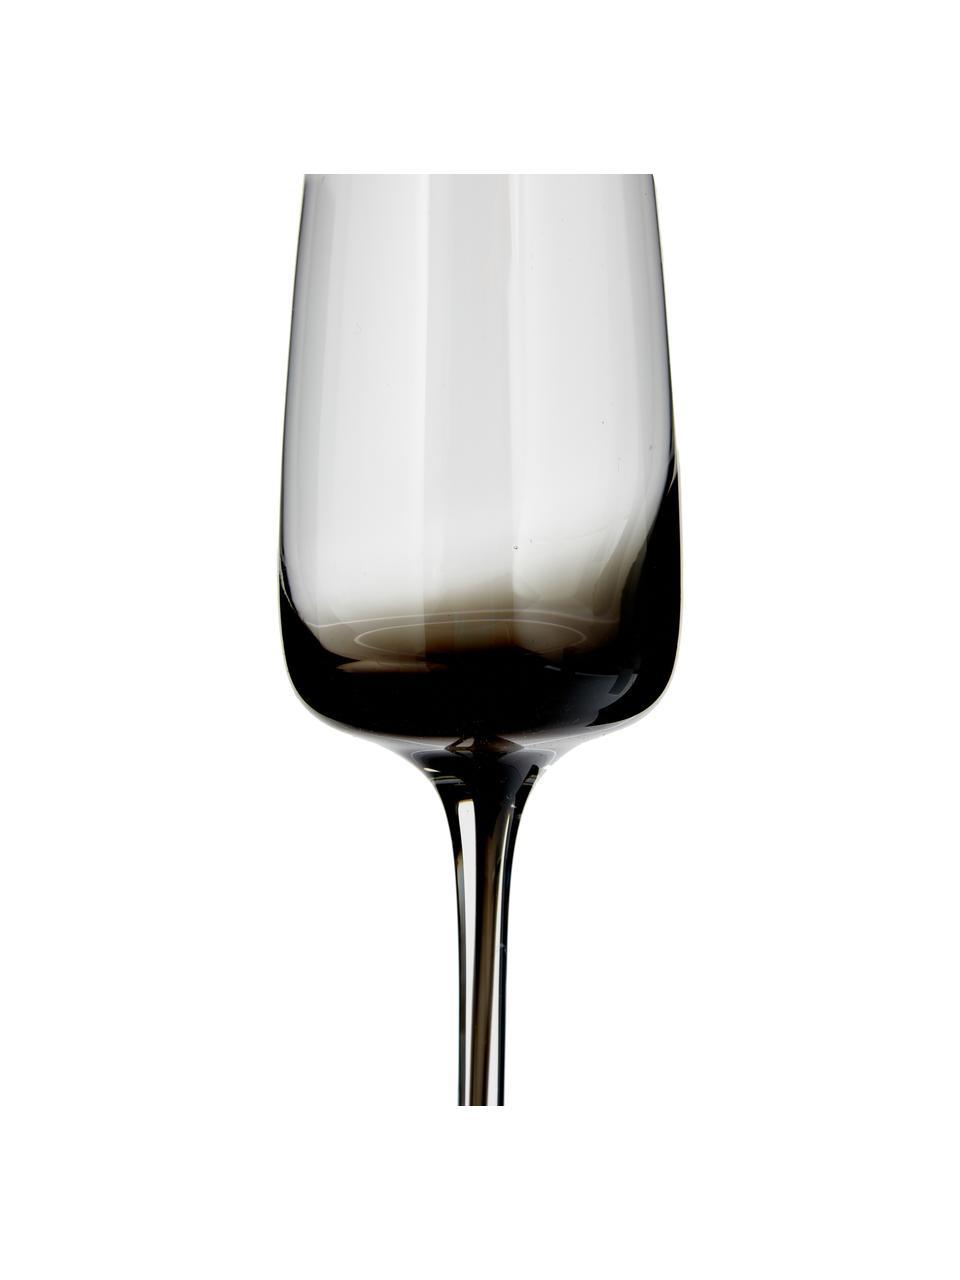 Mundgeblasene Sektgläser Smoke mit grauem Farbverlauf, 4 Stück, Glas, mundgeblasen, Transparent mit Graustich, Ø 7 x H 23 cm